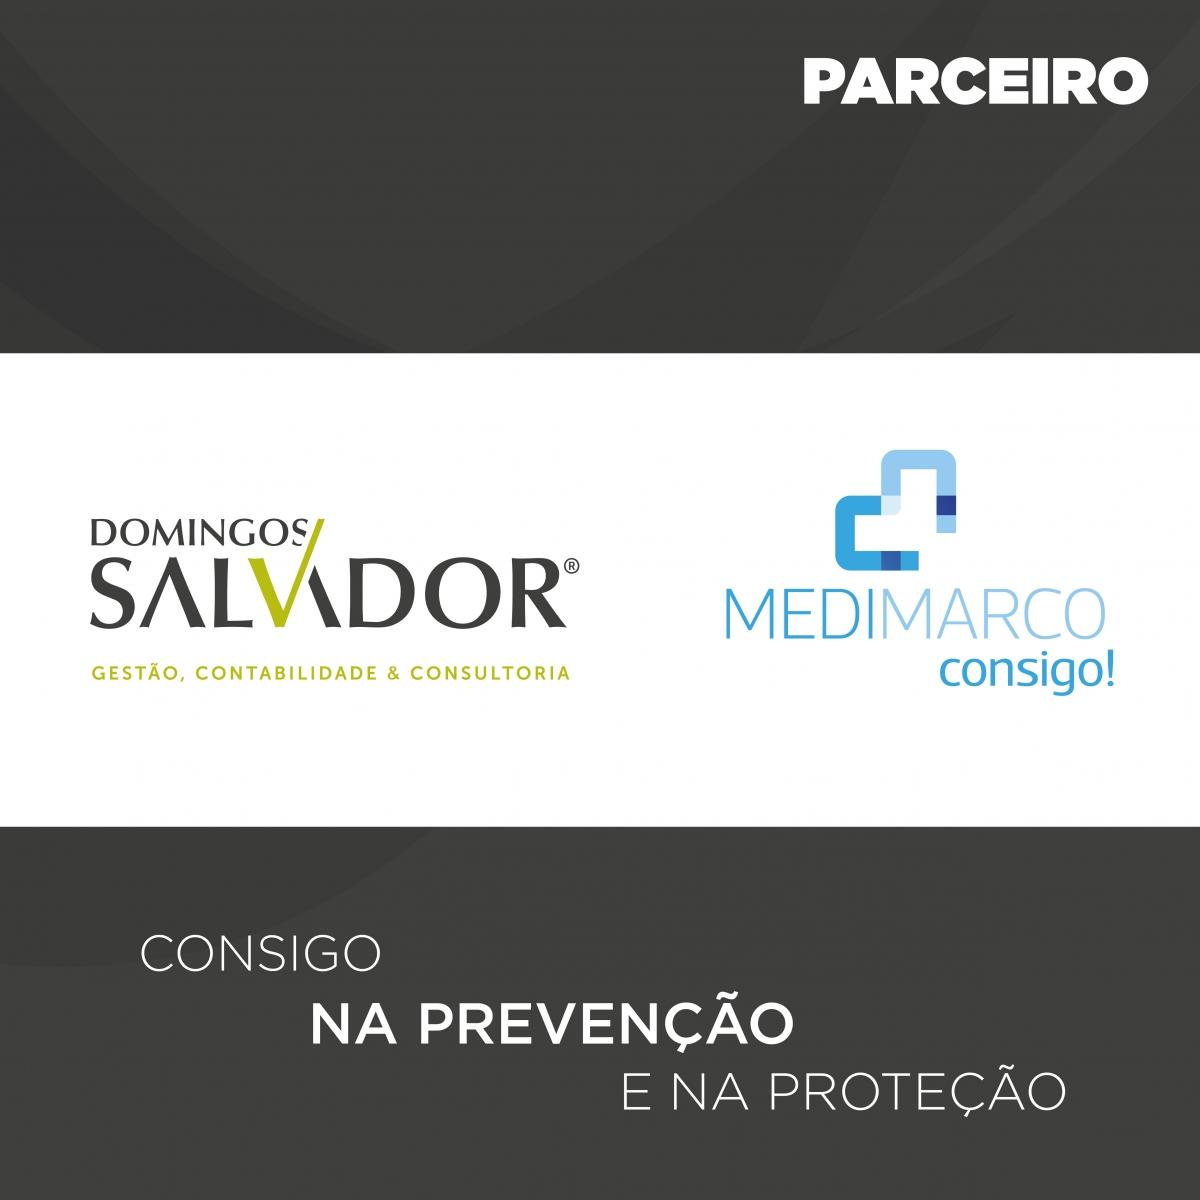 Domingos Salvador & Medimarco: uma parceria feita para si